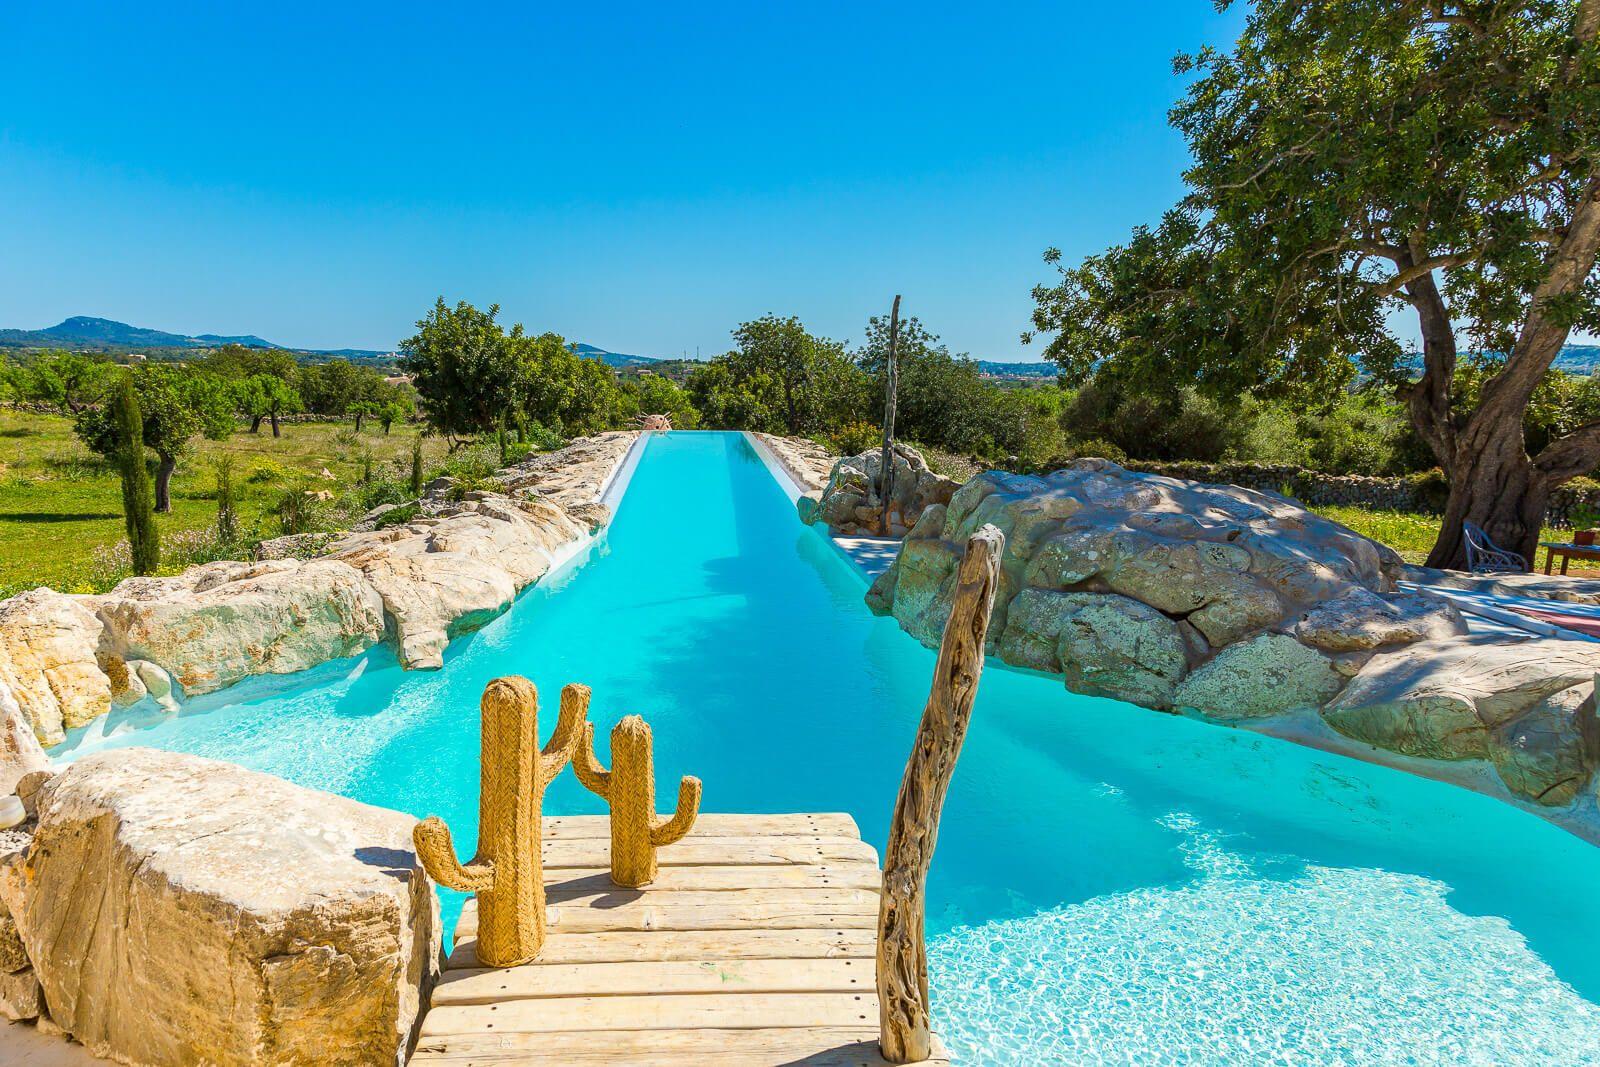 Finca Bonita  Mallorca  Mallorca in 2019  Pinterest  Mallorca Fincas und Playas hermosas